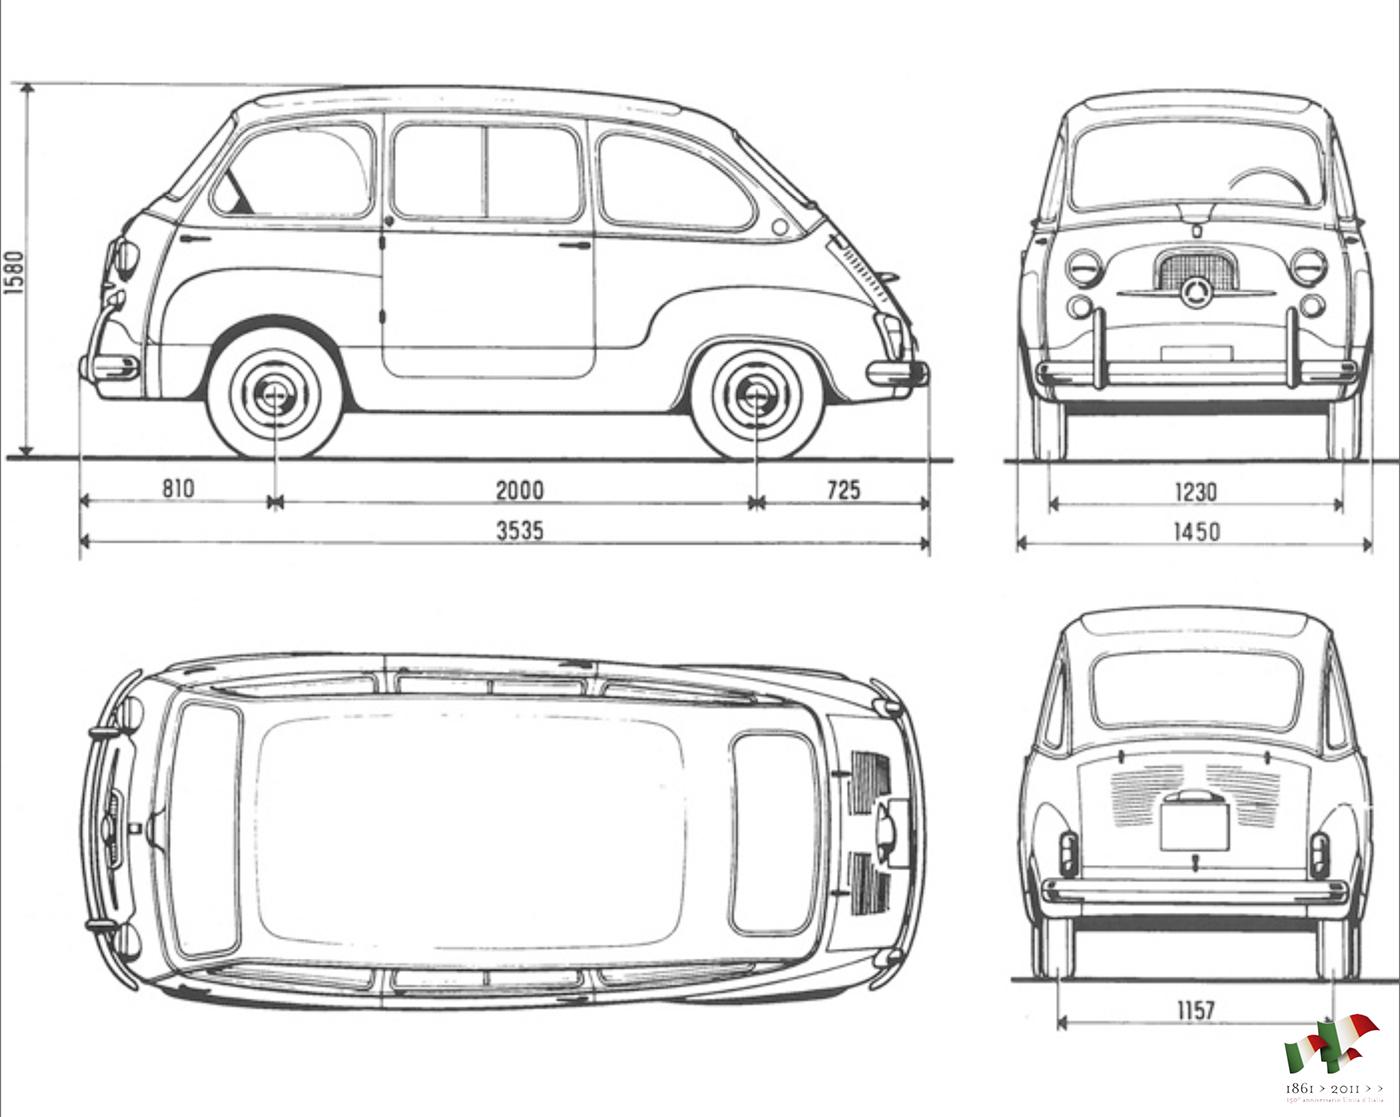 Fiat Multipla Vorto Redesign On Behance